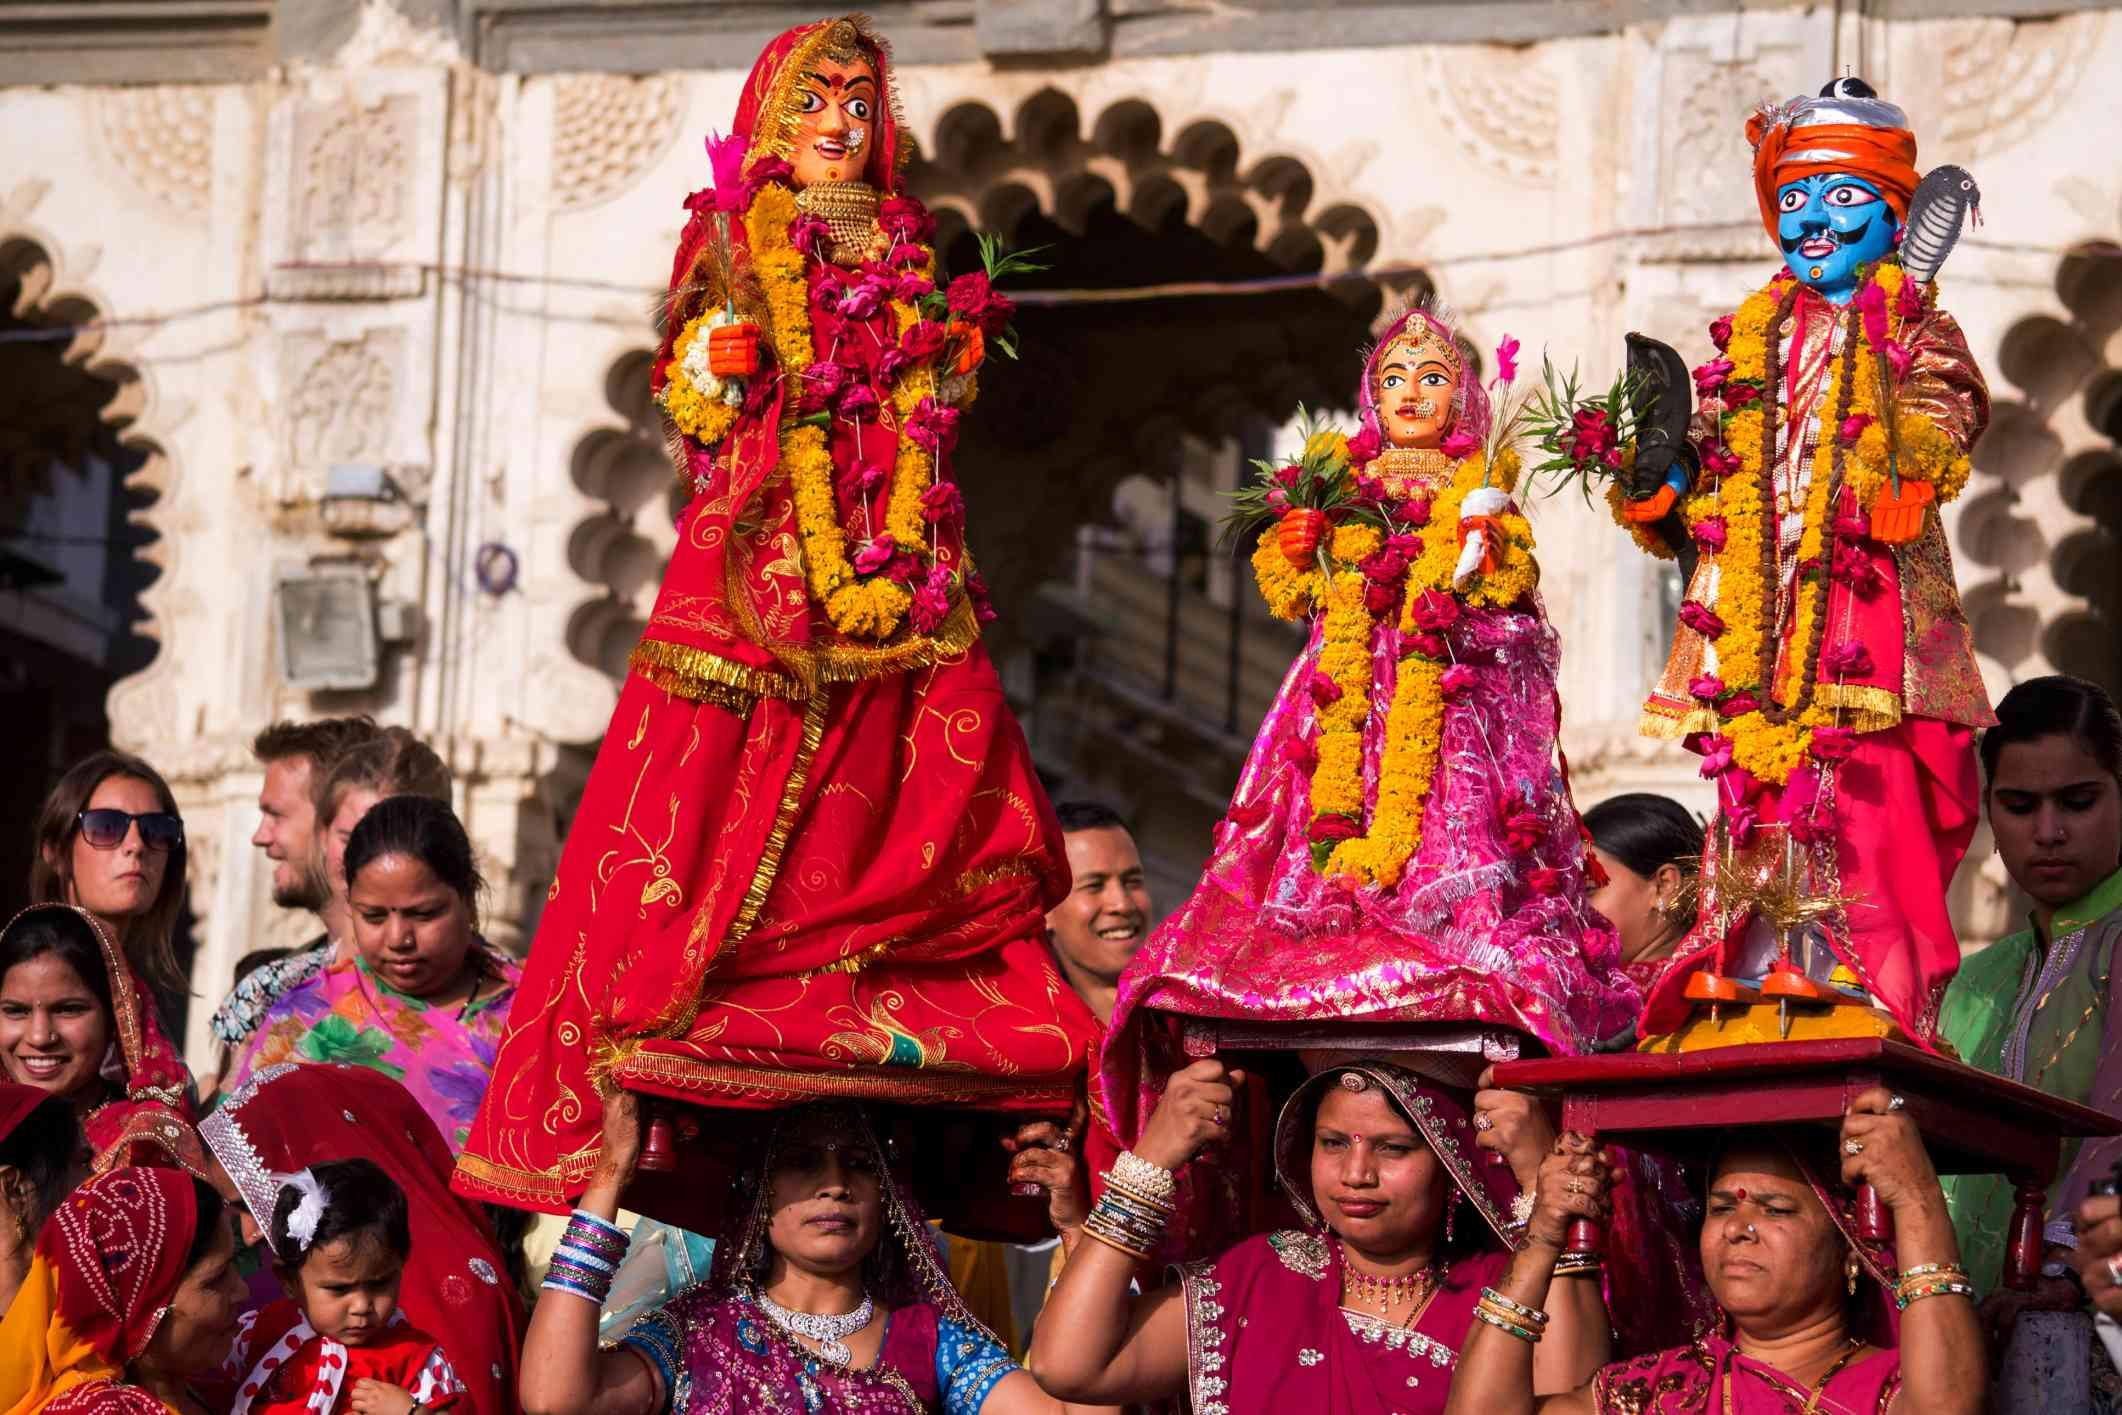 Compañía de danza Rajastani